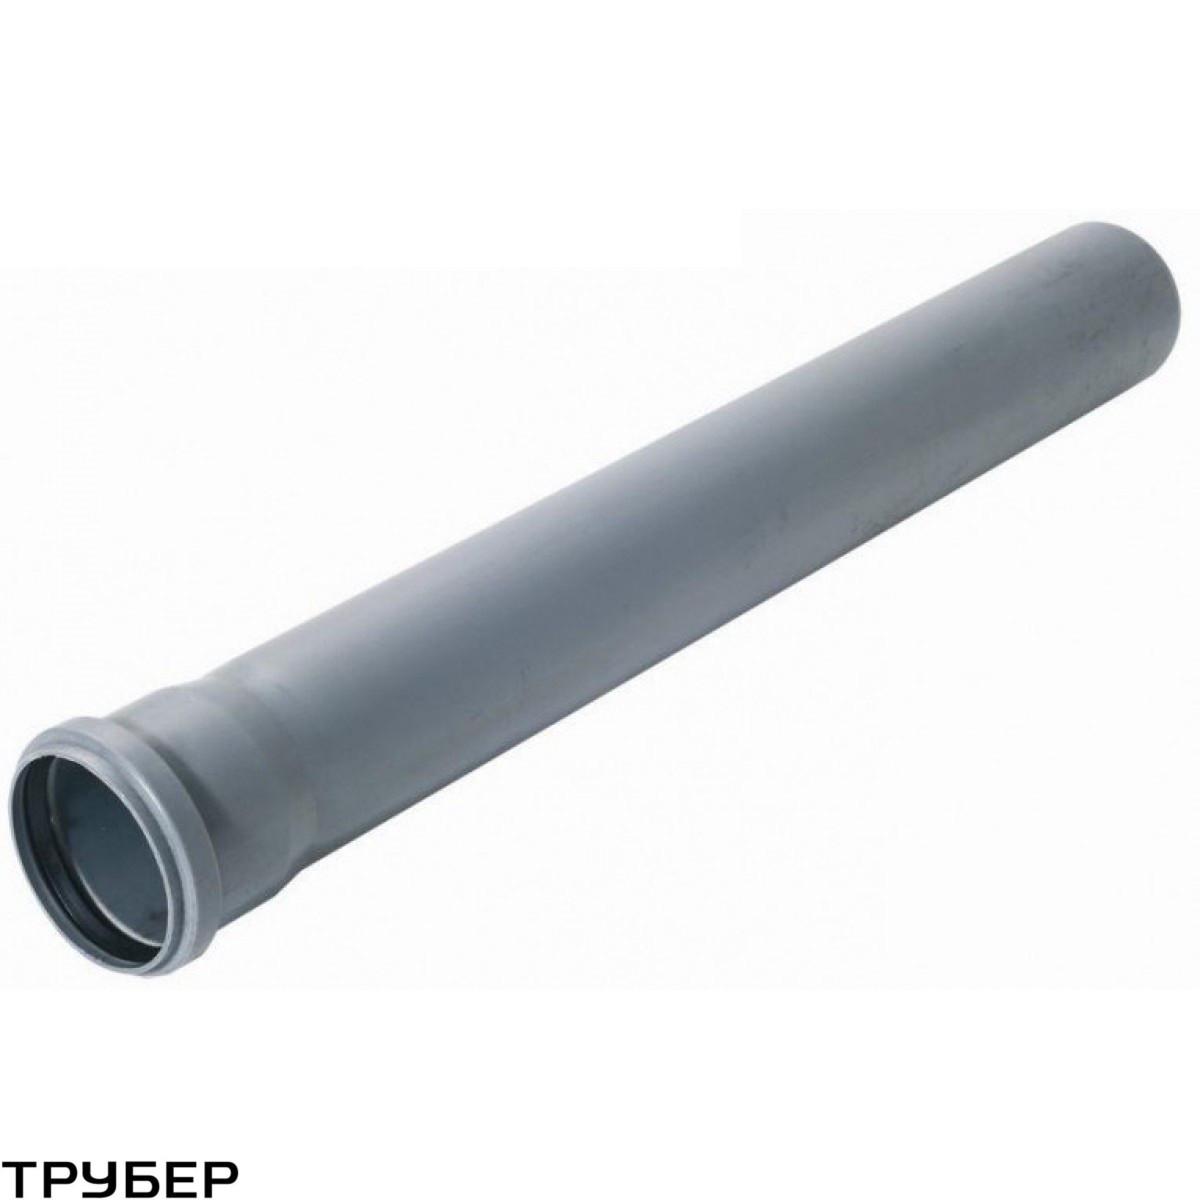 Труба ПП 50*1500 3-х шаровая для внутренней канализации Инсталпласт